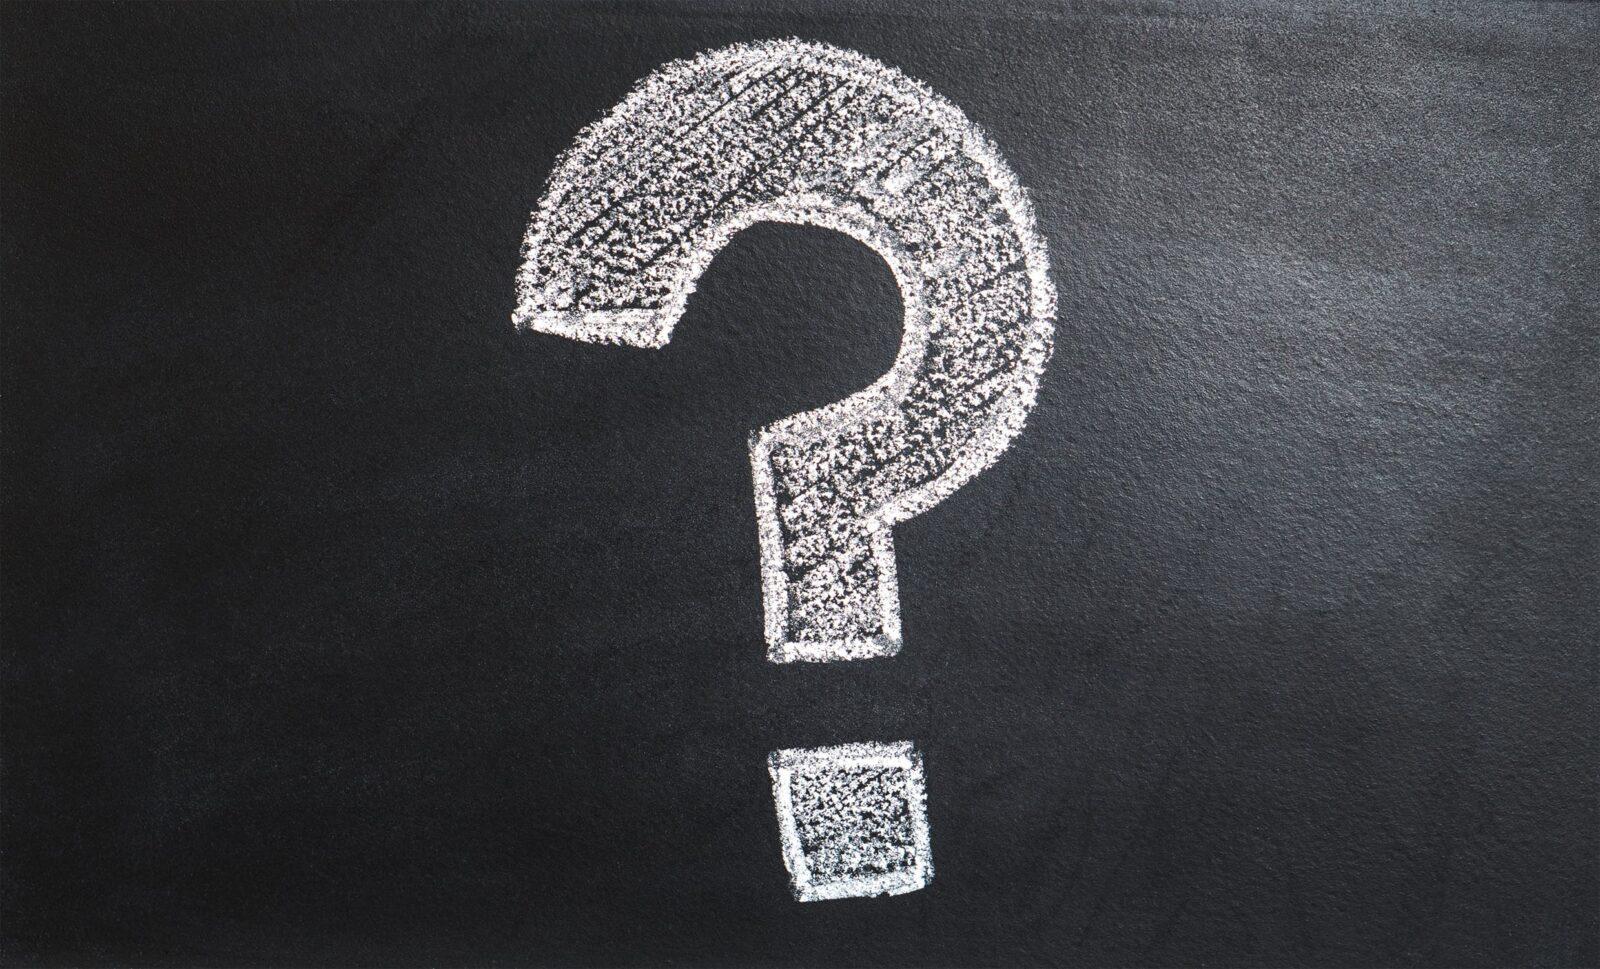 5 เทคนิคการตั้งคำถามที่ดีเพื่อนำไปสู่การทำคอนเทนต์ที่น่าสนใจและชวนคิด